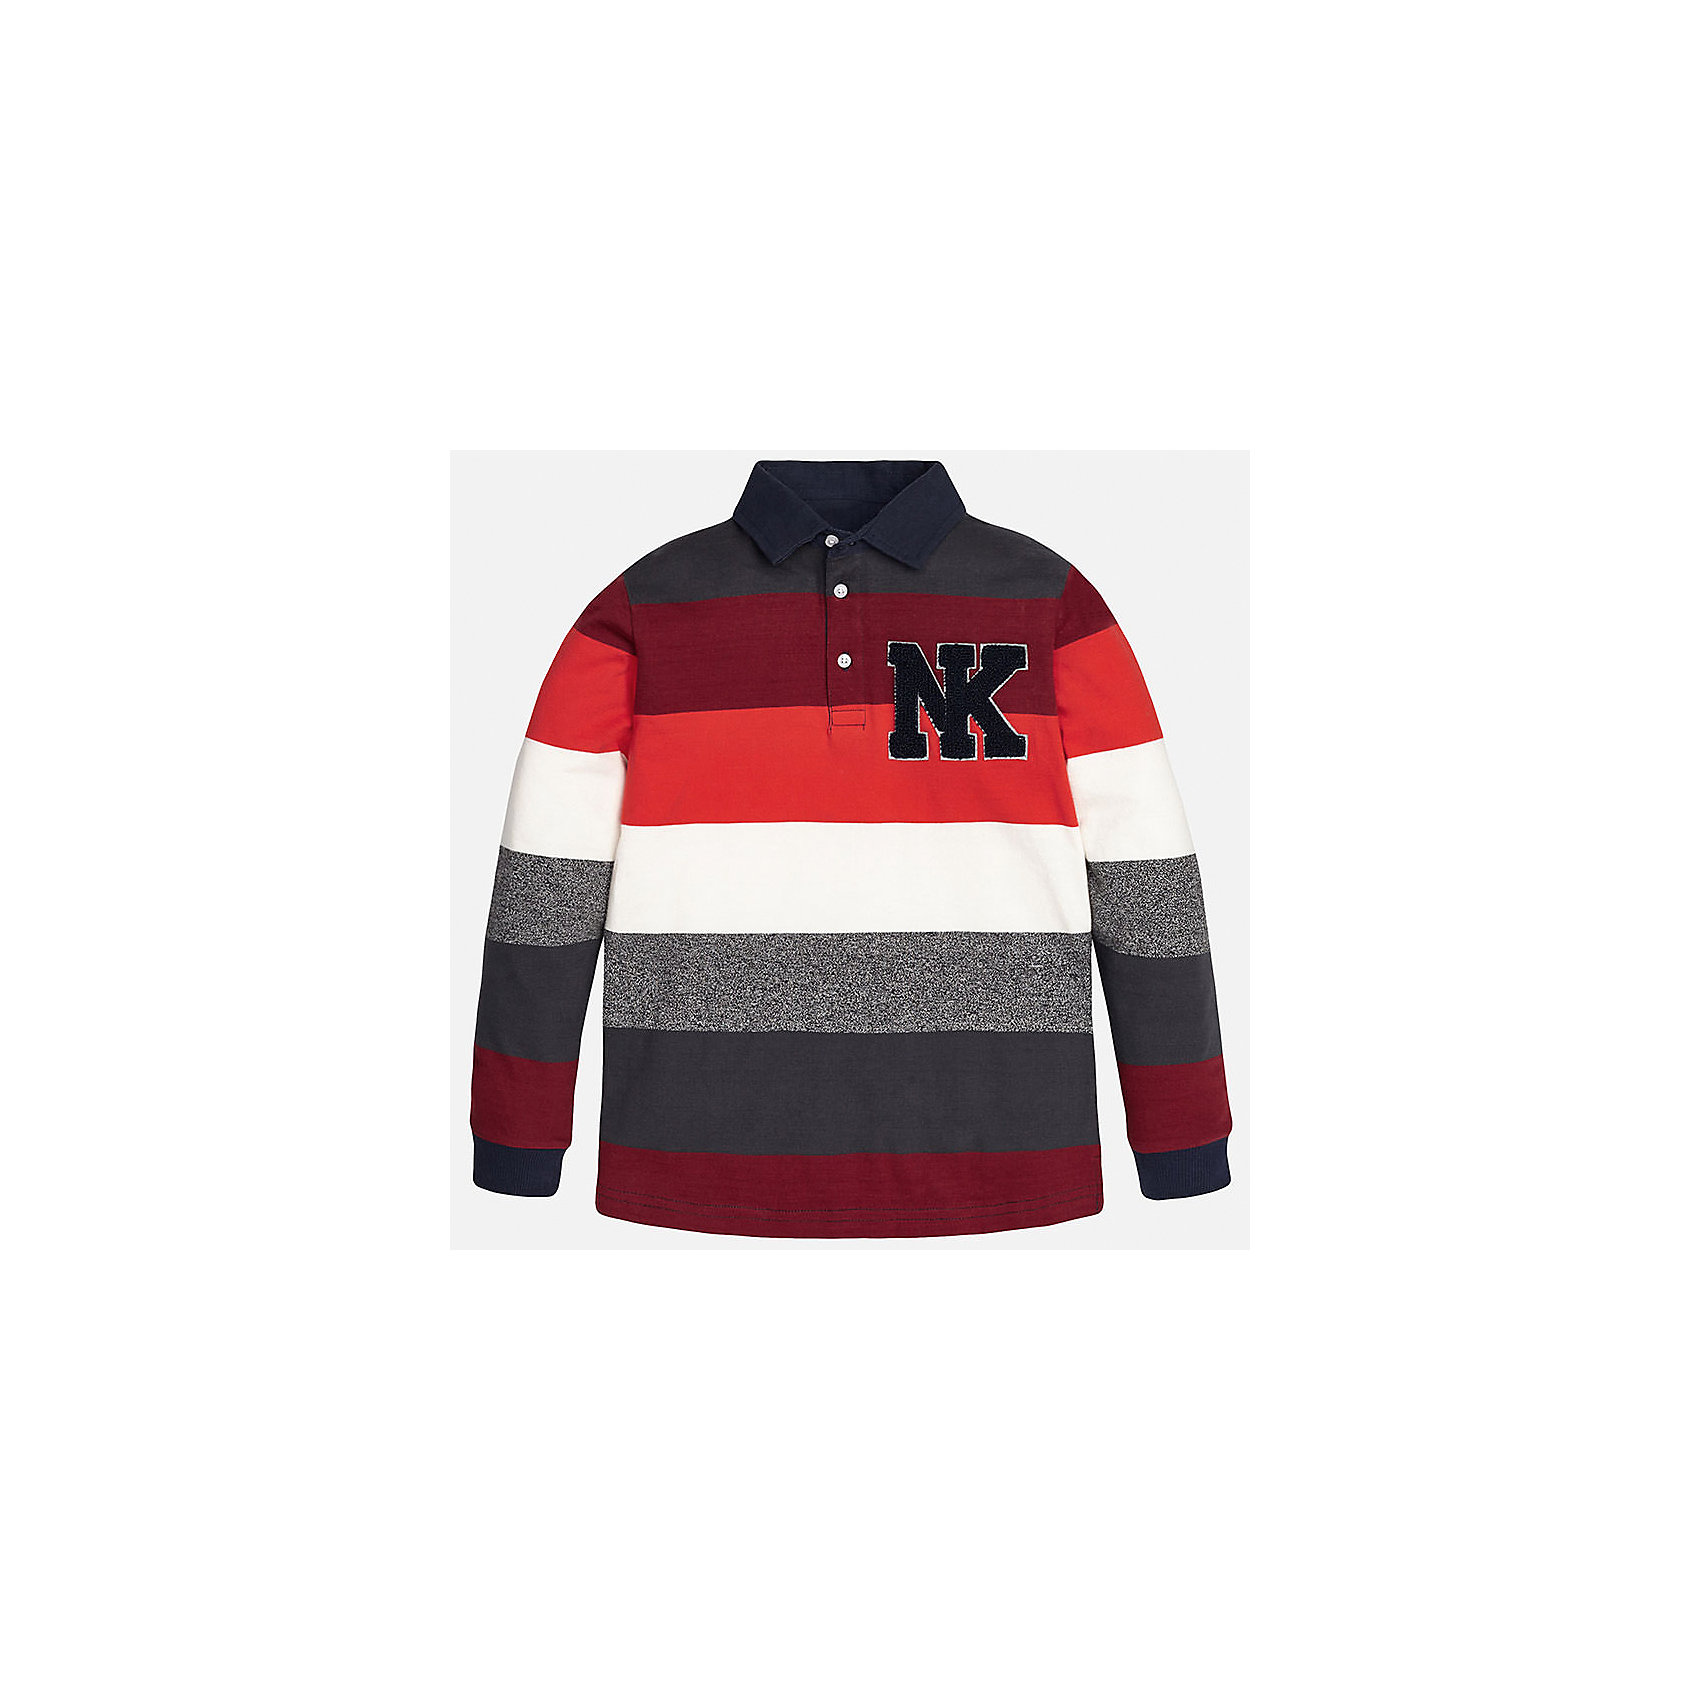 Рубашка-поло для мальчика MayoralРубашка-поло для мальчика от известного испанского бренда Mayoral(Майорал). Рубашка изготовлена из качественного хлопка, имеет оригинальный контрастный дизайн и украшена аппликацией на груди. Такая рубашка непременно понравиться ребенку и он будет носить ее с удовольствием!<br><br>Дополнительная информация:<br>Состав: 92% хлопок, 8% полиэстер<br>Цвет: красный/серый/белый<br>Рубашку-поло для мальчика Mayoral(Майорал) можно купить в нашем интернет-магазине.<br><br>Ширина мм: 174<br>Глубина мм: 10<br>Высота мм: 169<br>Вес г: 157<br>Цвет: бордовый<br>Возраст от месяцев: 168<br>Возраст до месяцев: 180<br>Пол: Мужской<br>Возраст: Детский<br>Размер: 164/170,128/134,140/146,152/158,158/164,146/152<br>SKU: 4826835